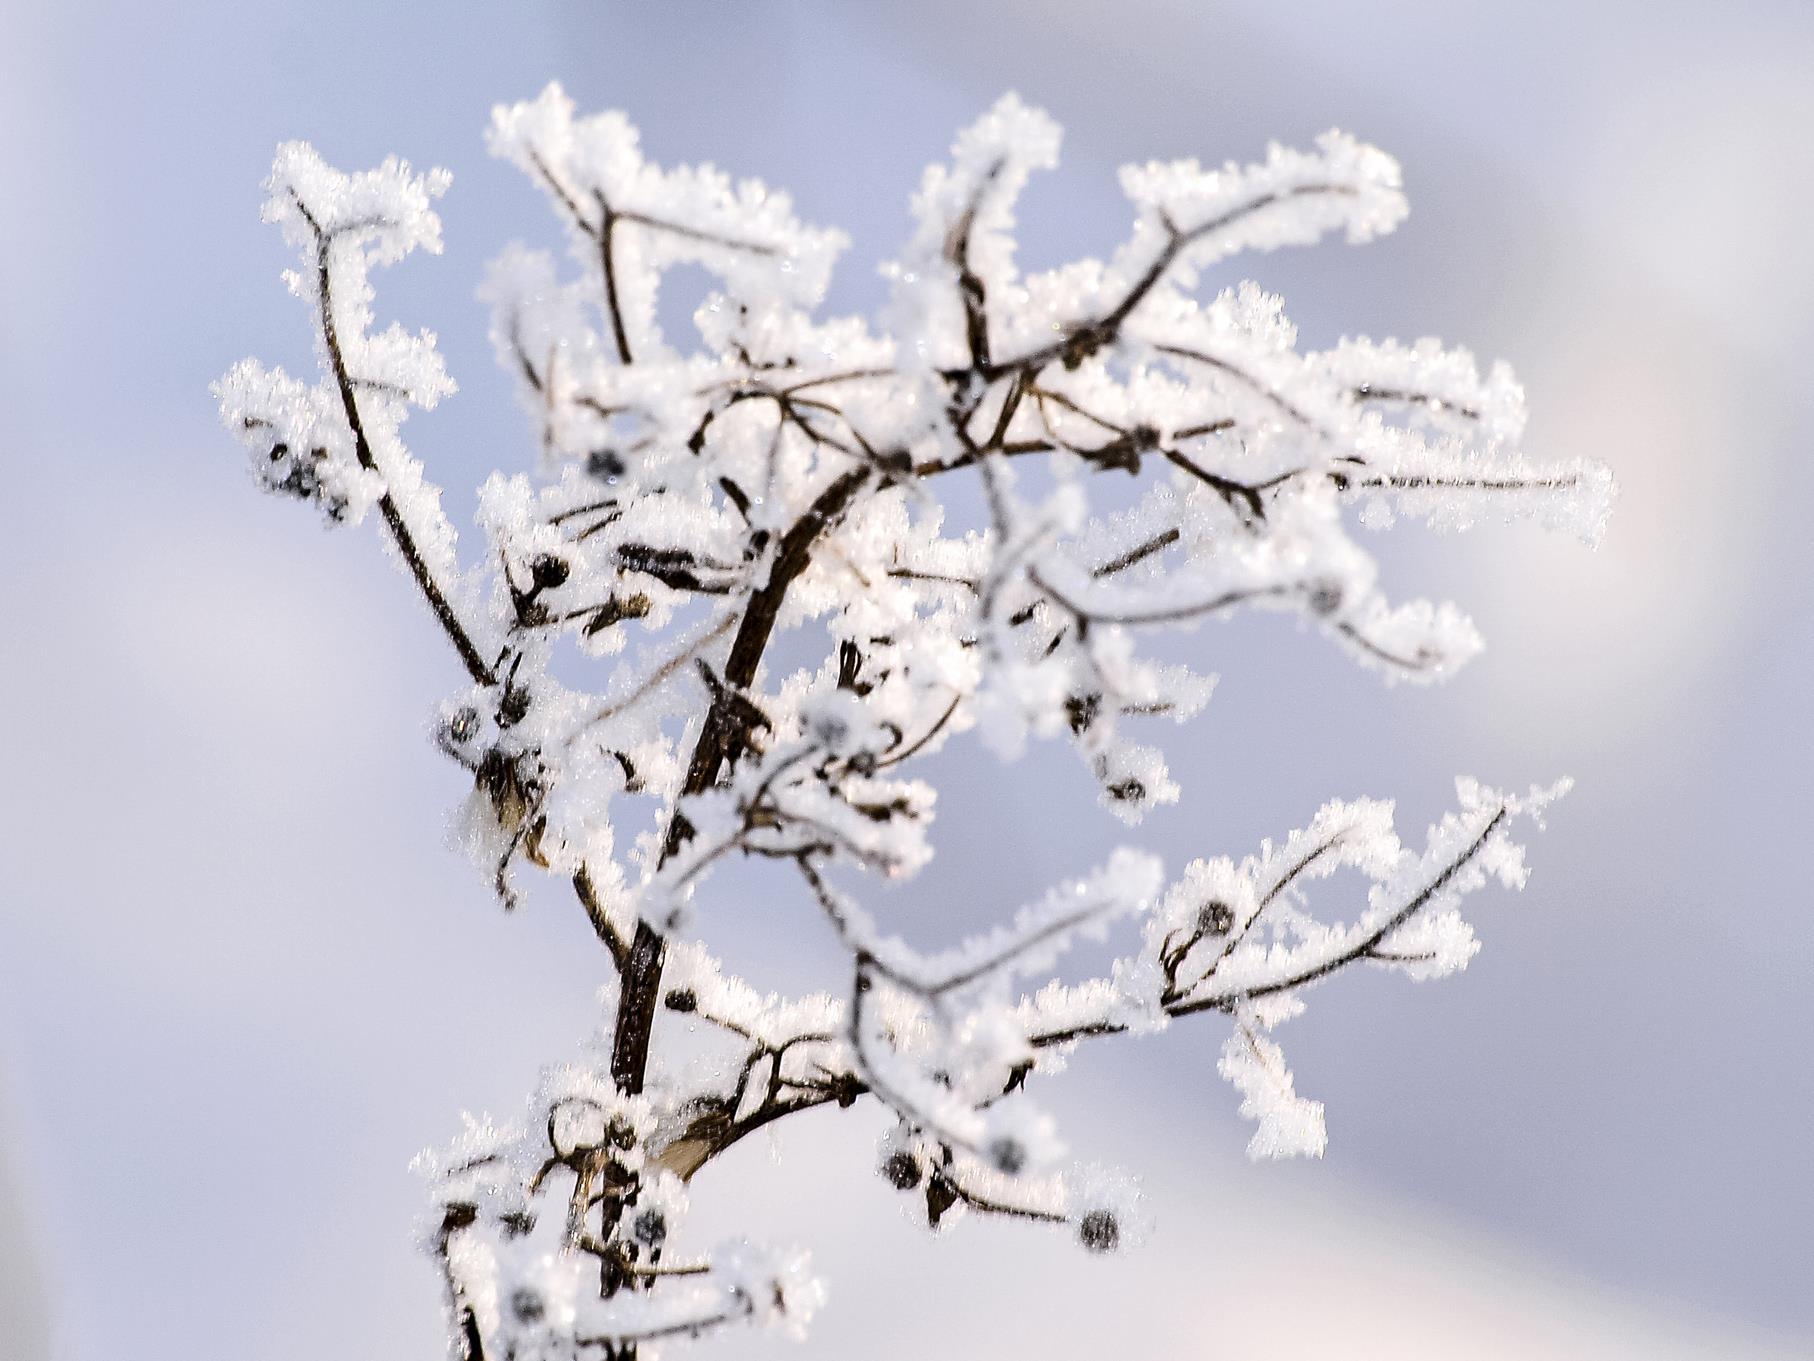 Die mit Eiskristallen überzogenen Pflanzen sehen wie kleine Kunstwerke aus.